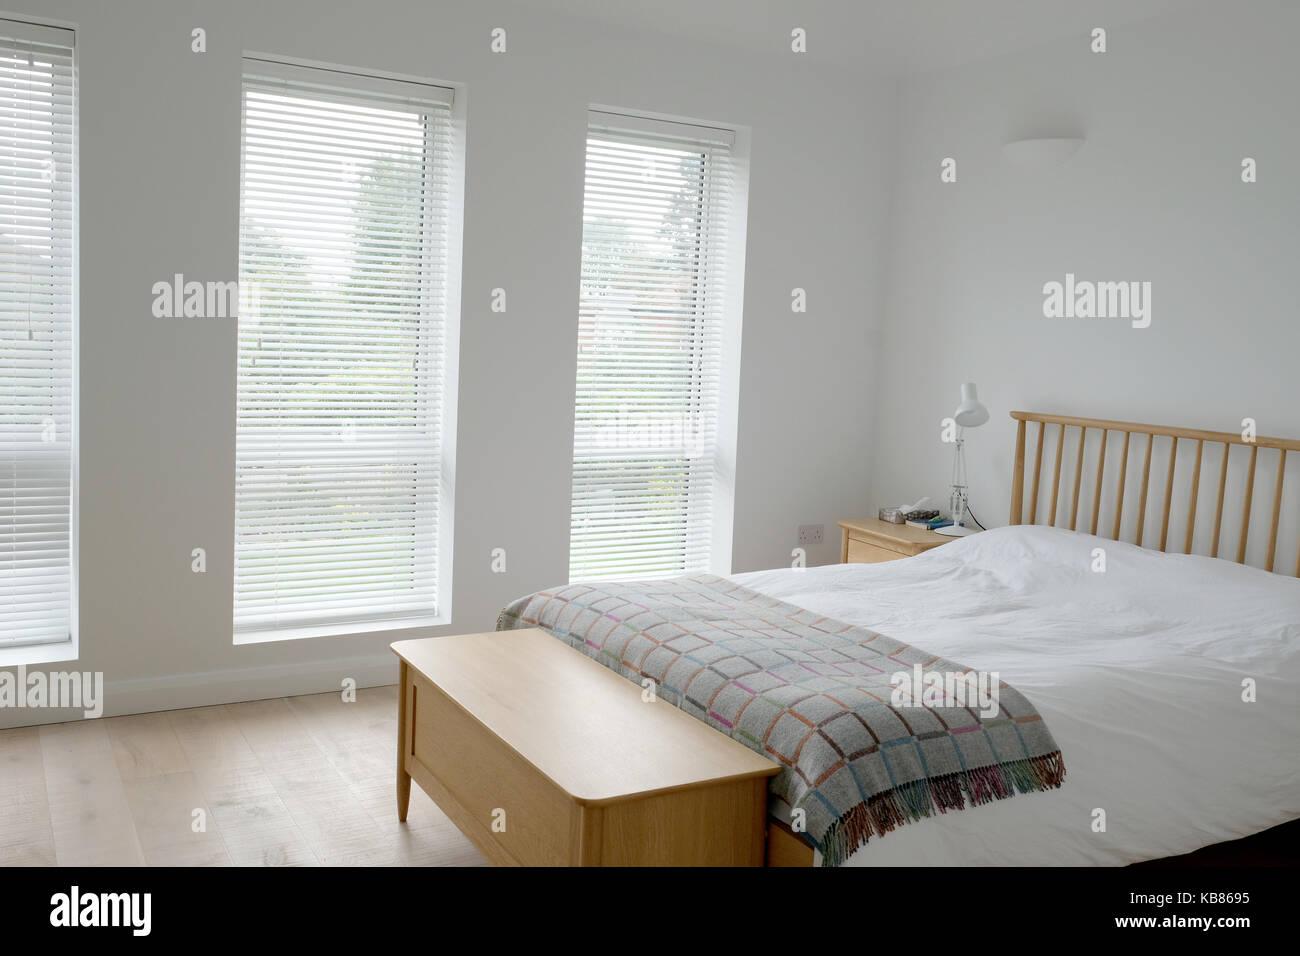 Skandinavisch inspirierten Schlafzimmer Innenraum mit Holz ...